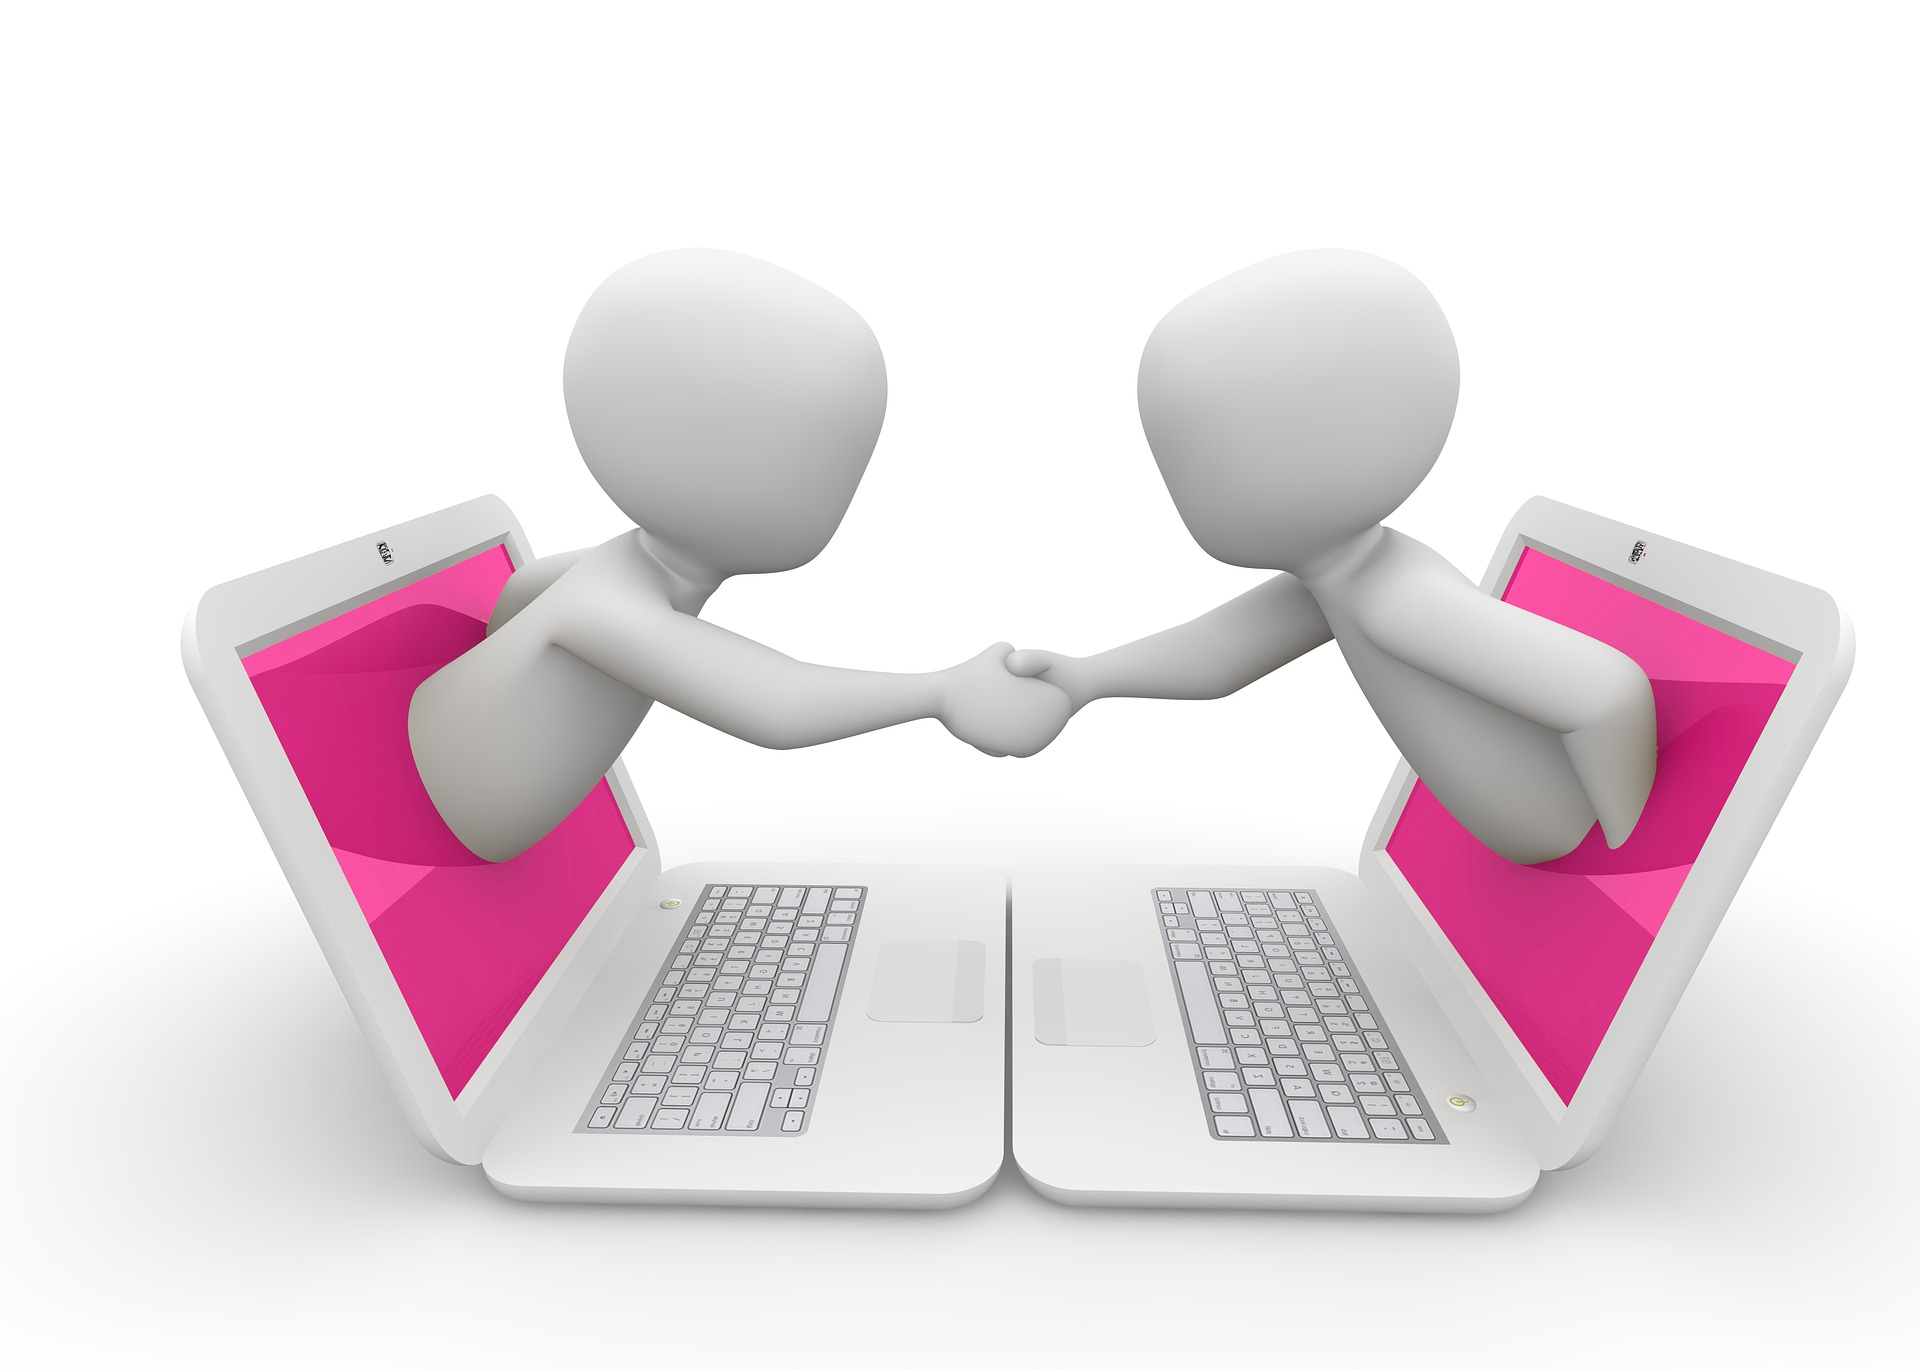 パソコン越しに握手を交わしている二人のイラスト